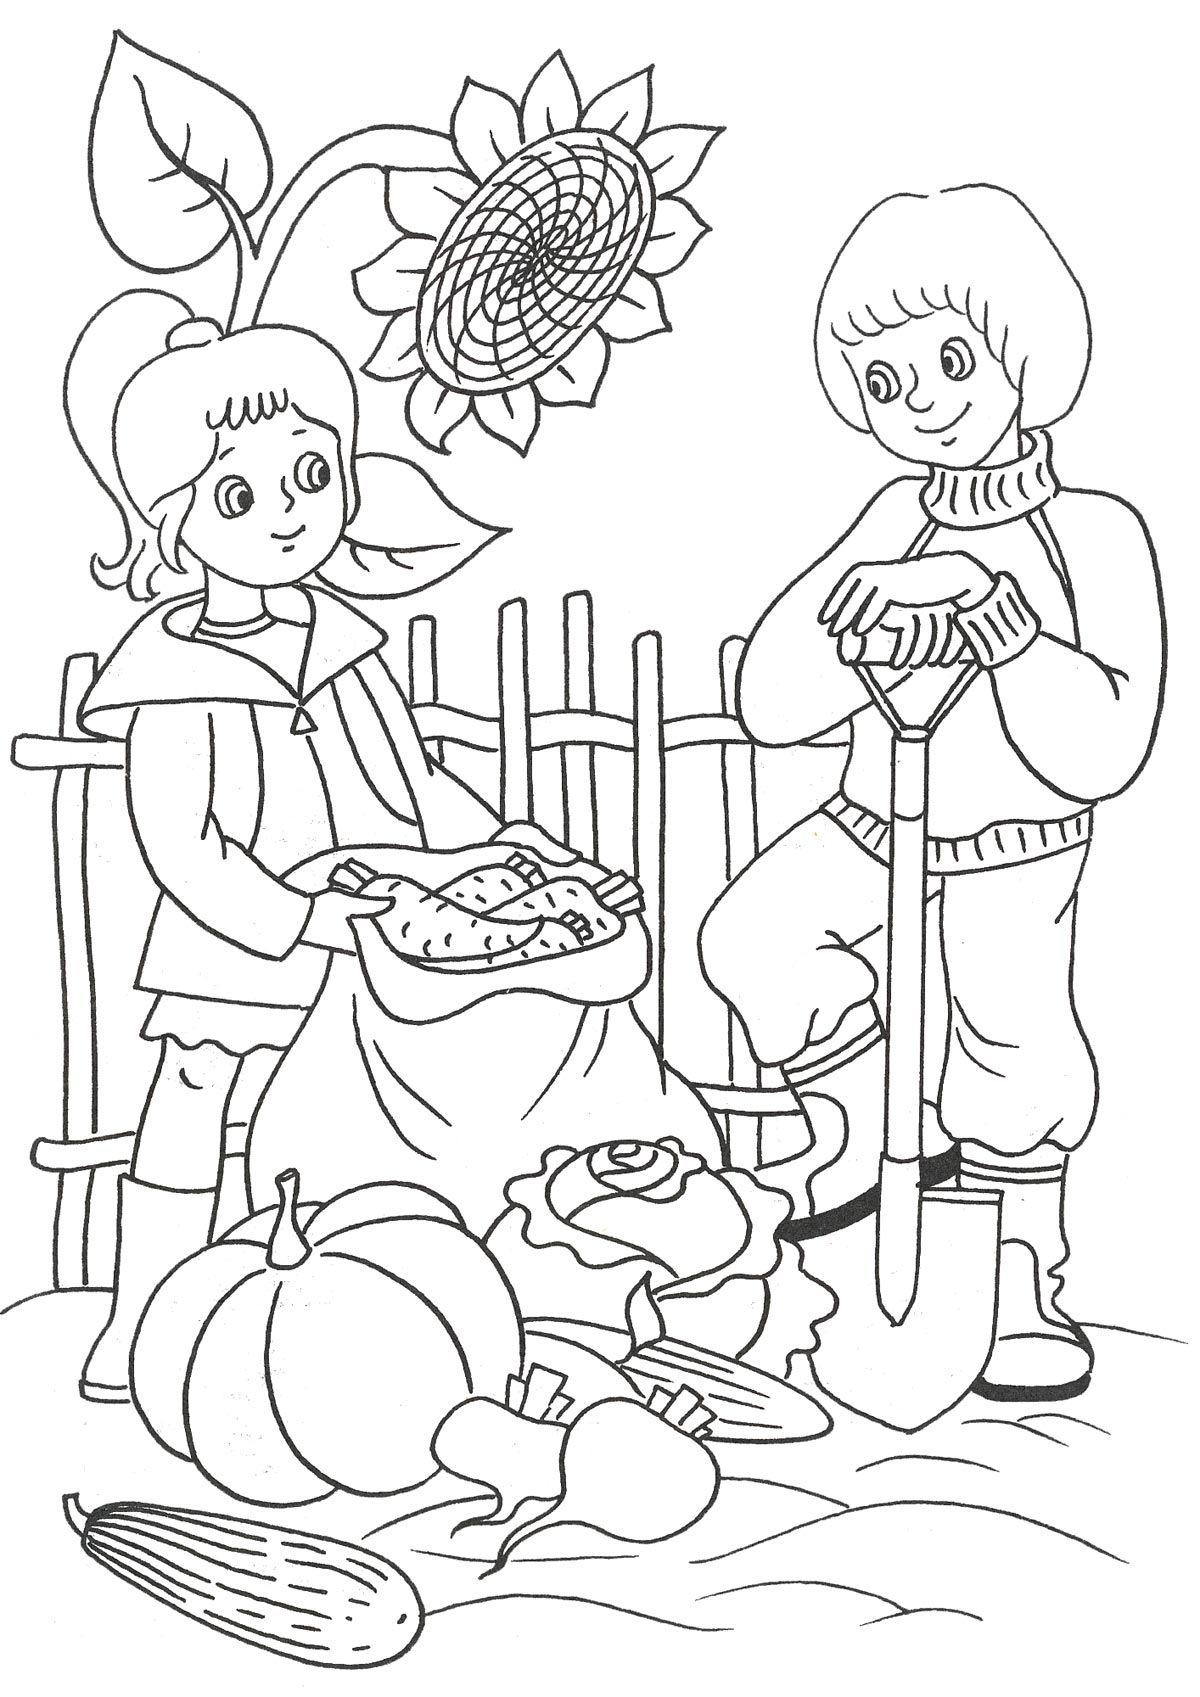 Прощение открытки, картинки об осени для детей начальной школы раскраски